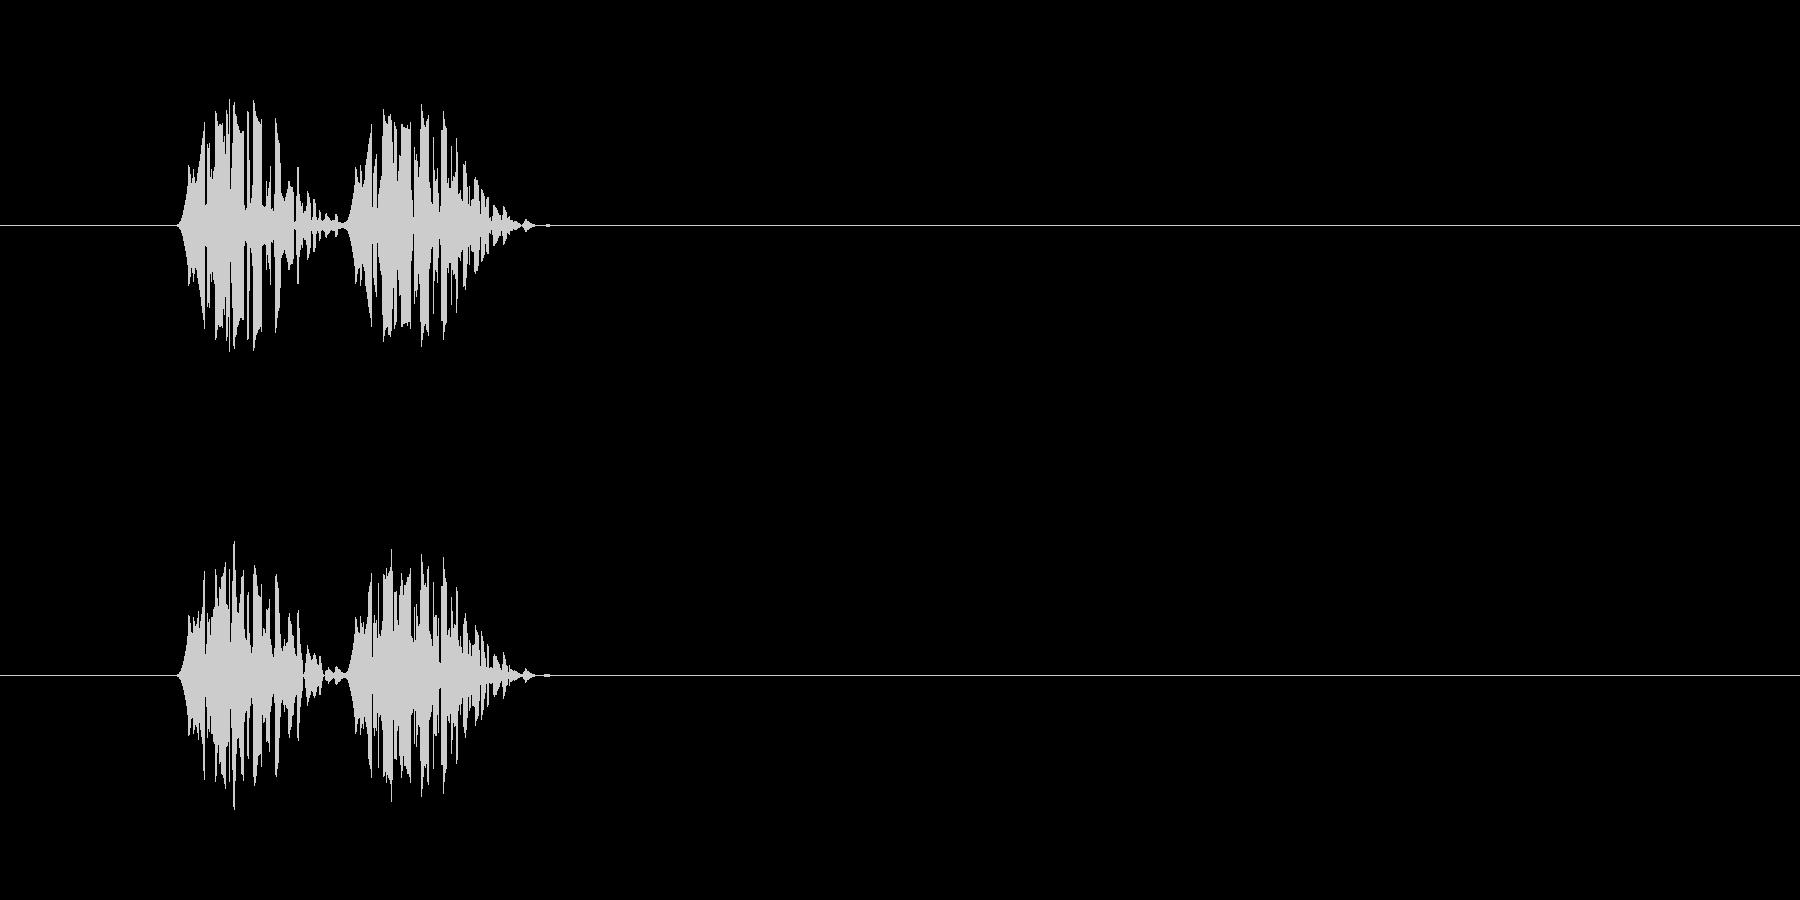 先に進めない_m0224の未再生の波形